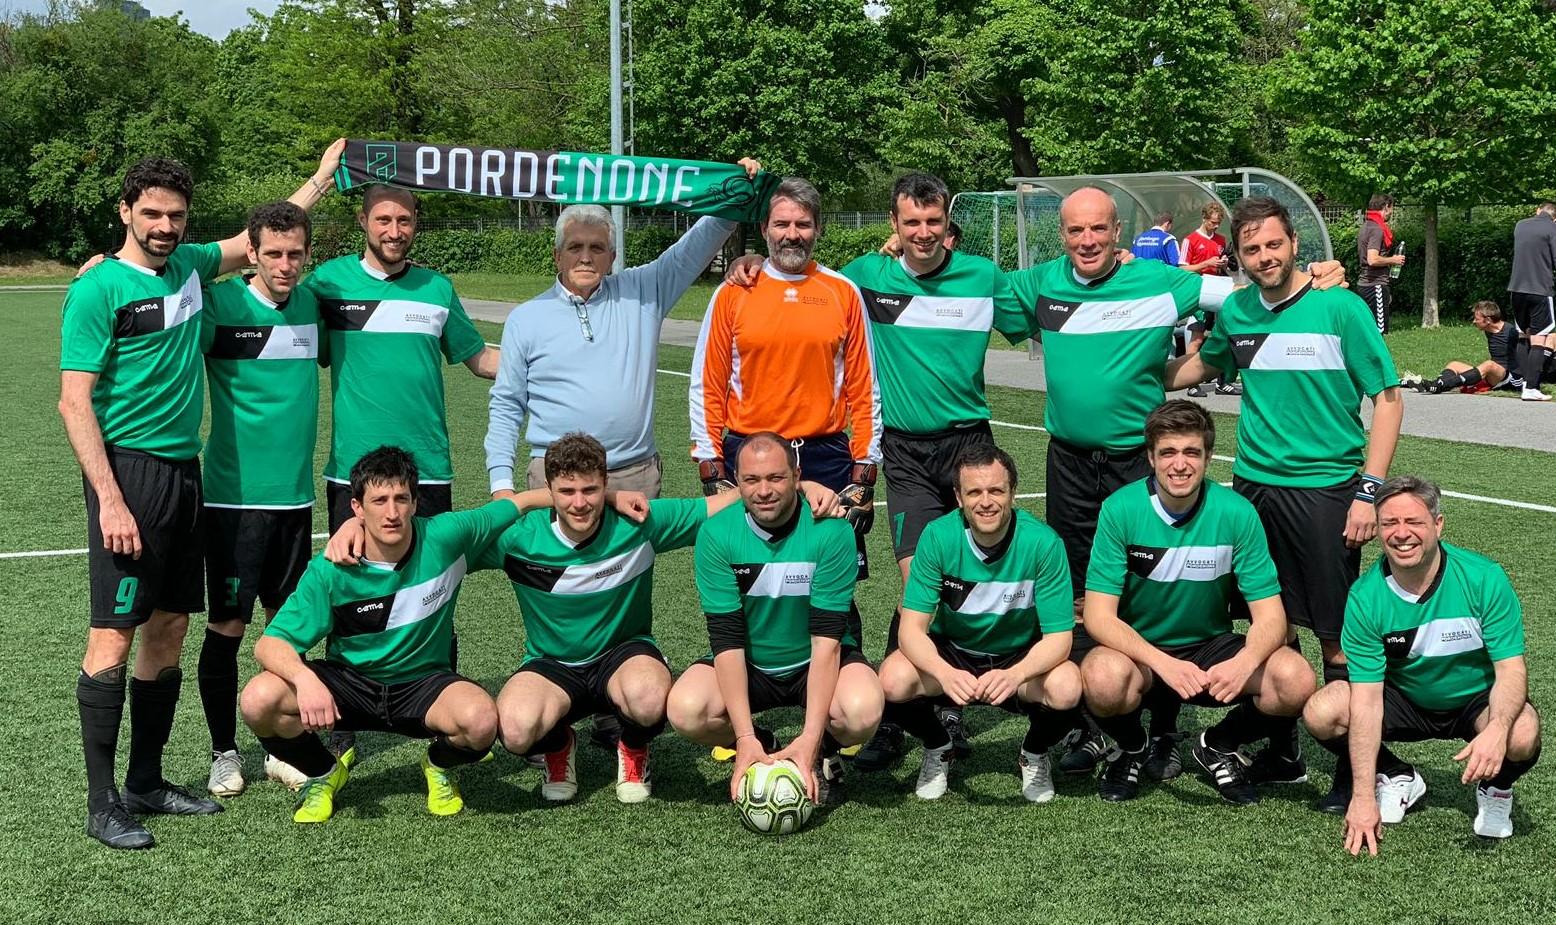 Calendario Pordenone Calcio.Avvocati Pordenone Calcio 1979 Torneo Terzo Tempo Qui